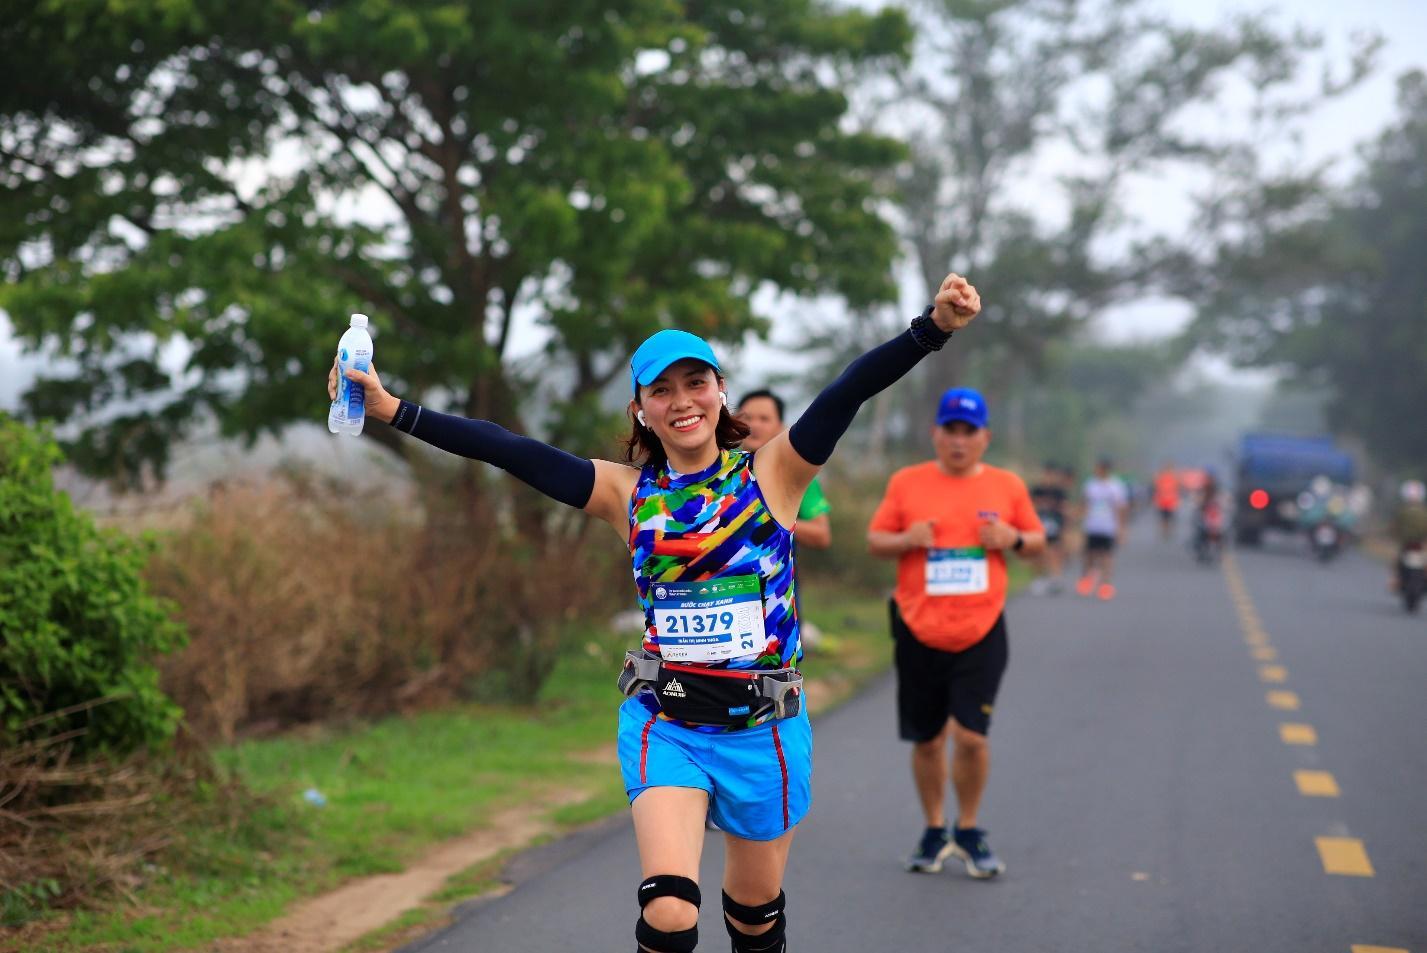 Ấn tượng với giải chạy marathon quy mô đầu tiên của Tây Ninh - Ảnh 5.